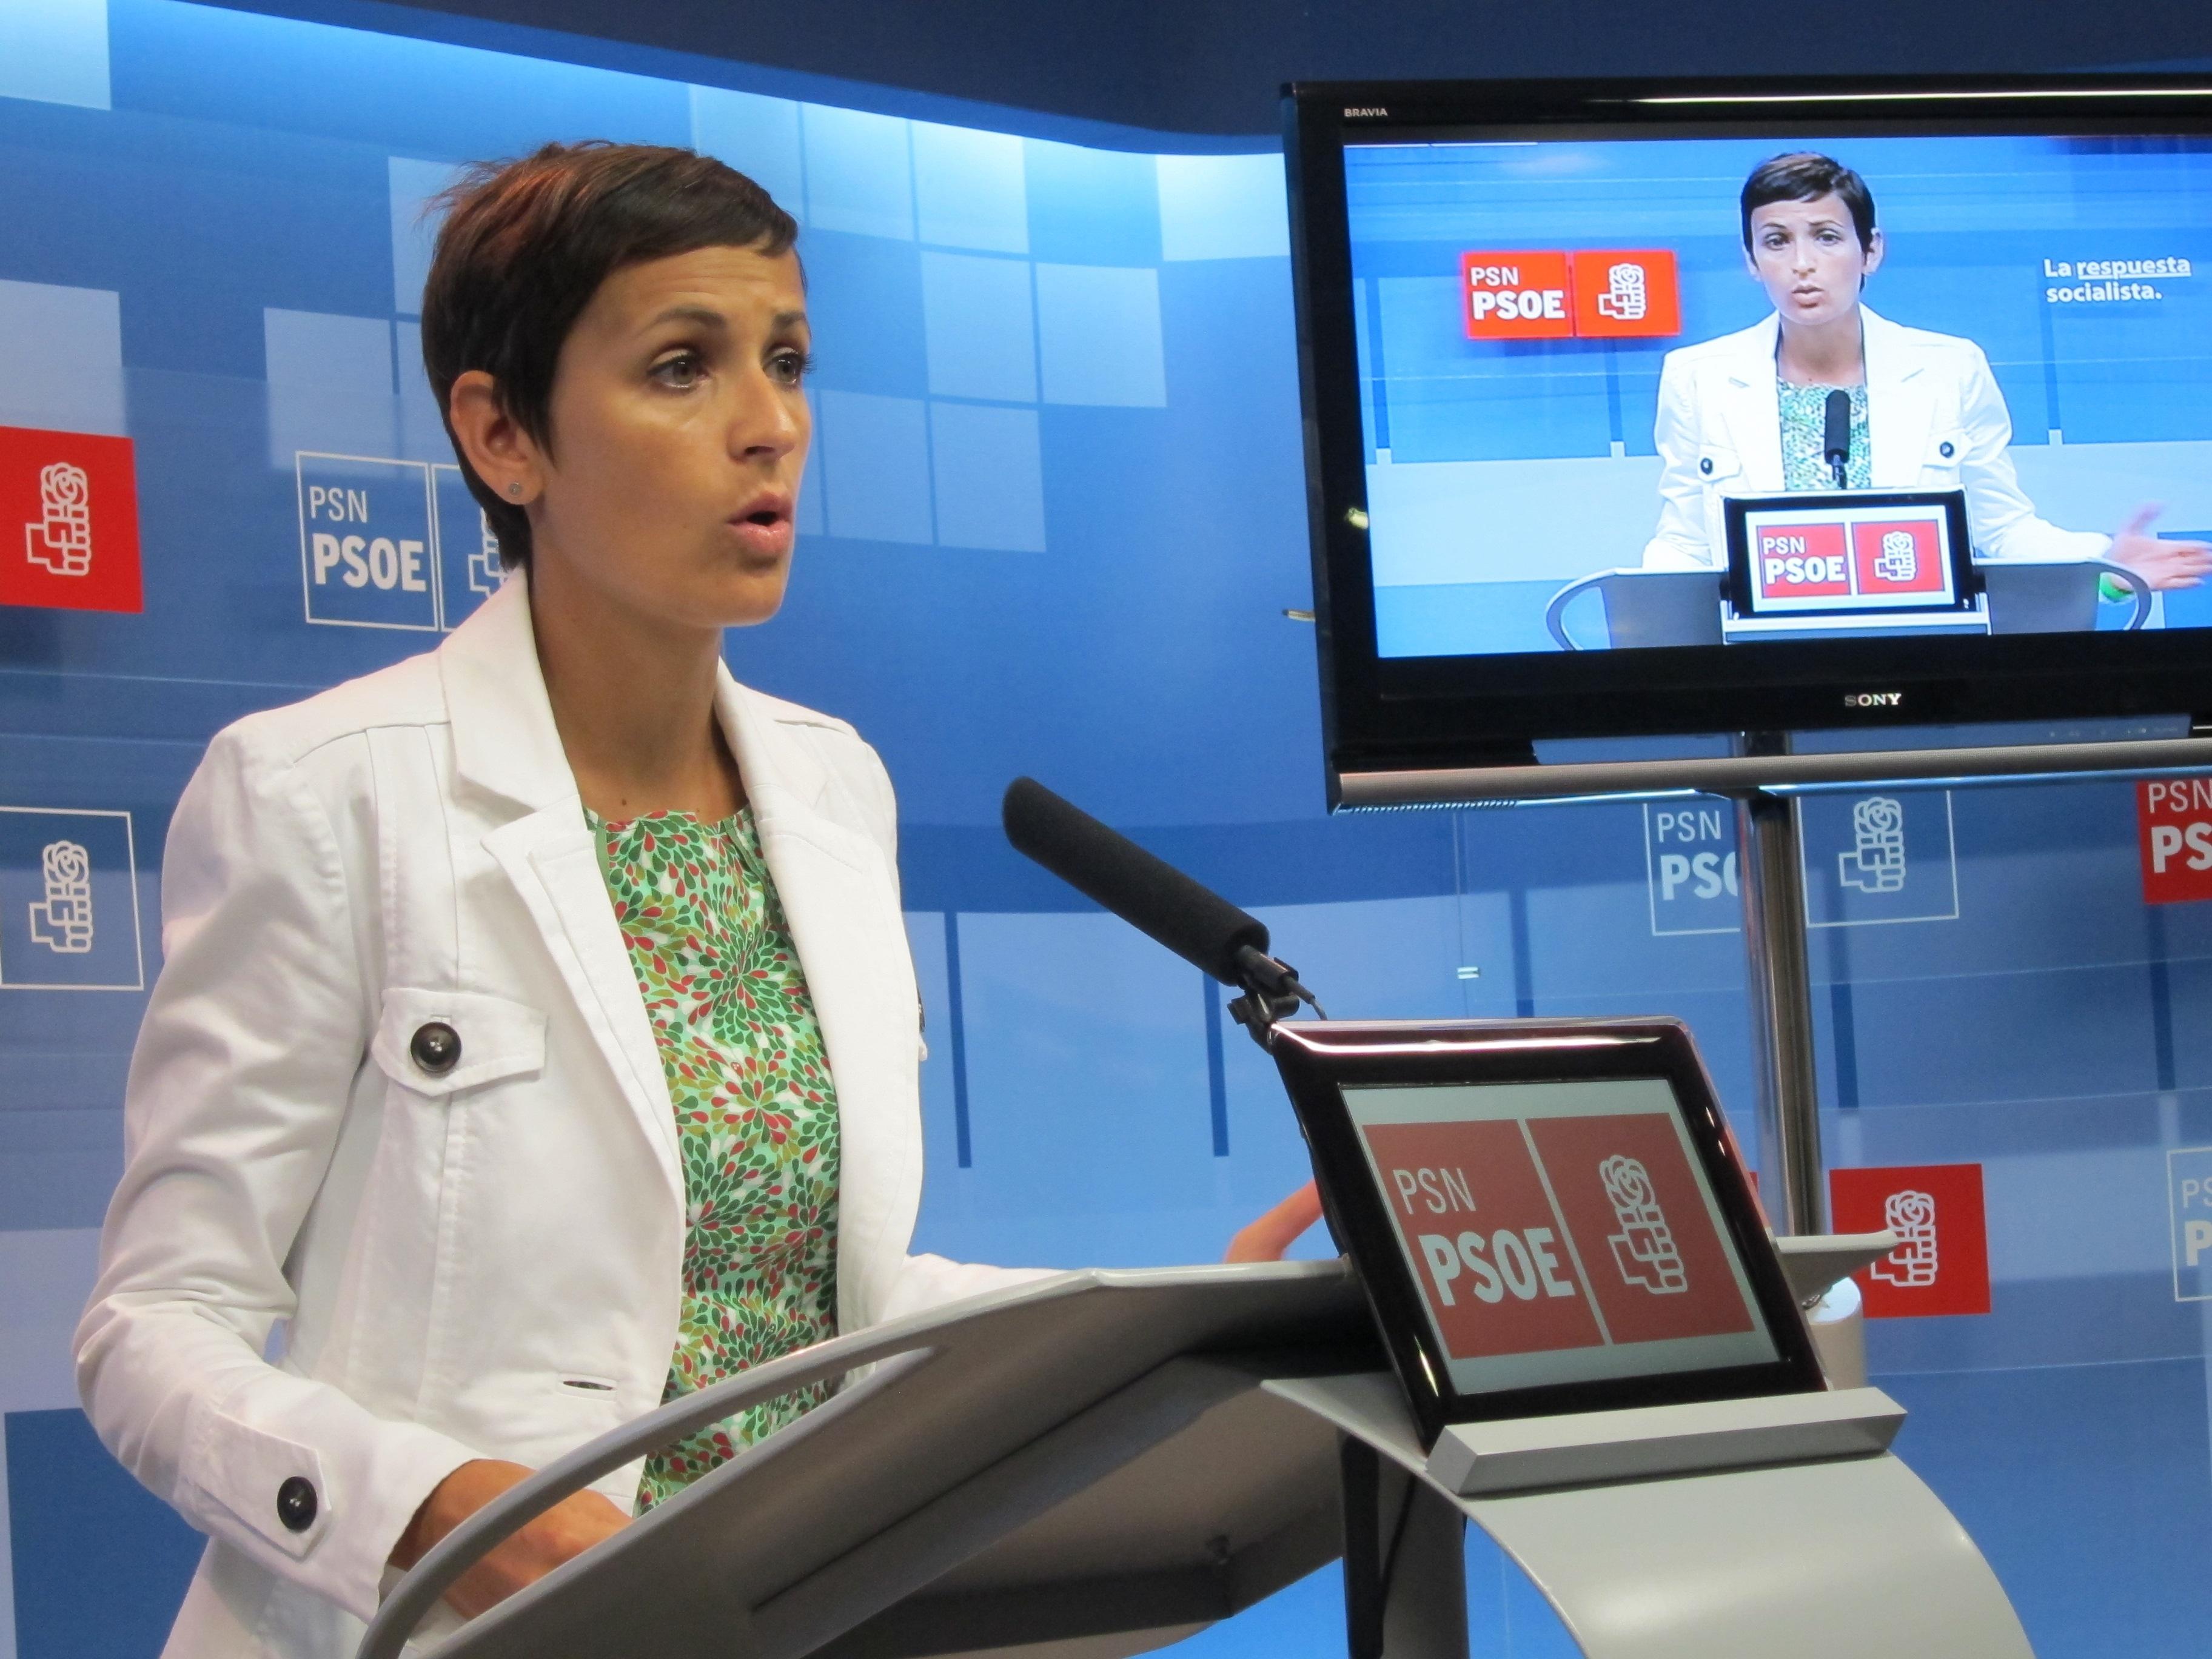 El PSN pide al Gobierno foral que «no aplique» la exclusión del acceso a la reproducción asistida a solteras y lesbianas